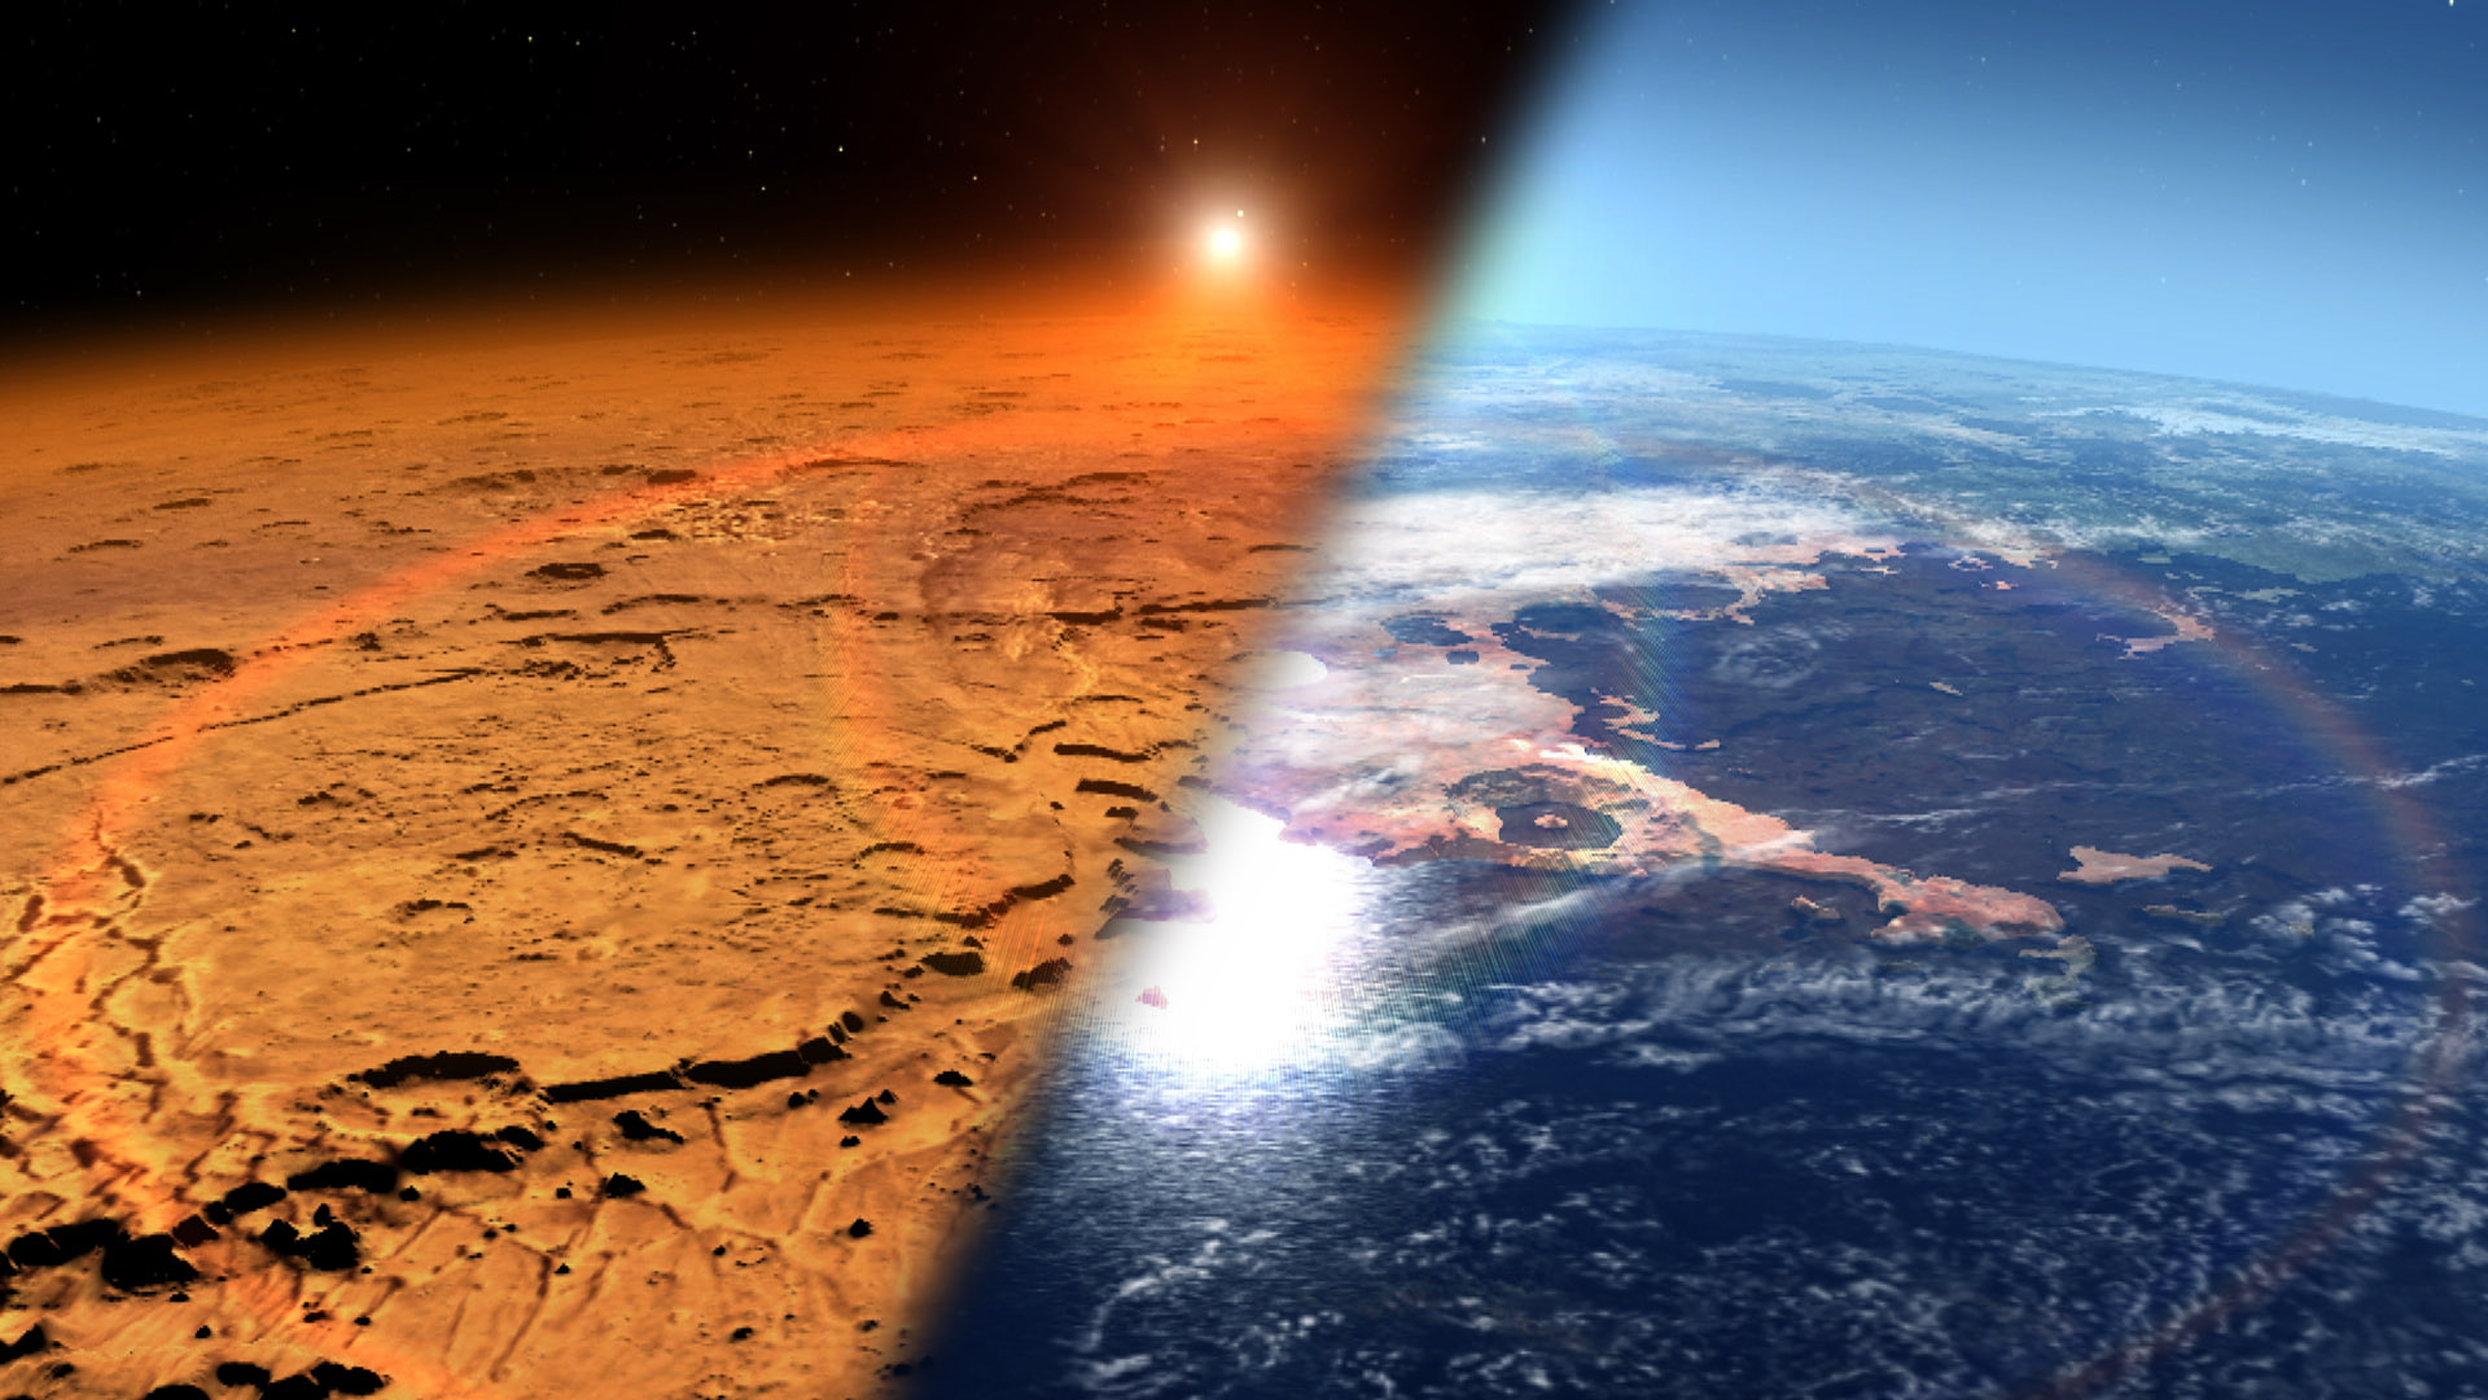 marsatmosphere